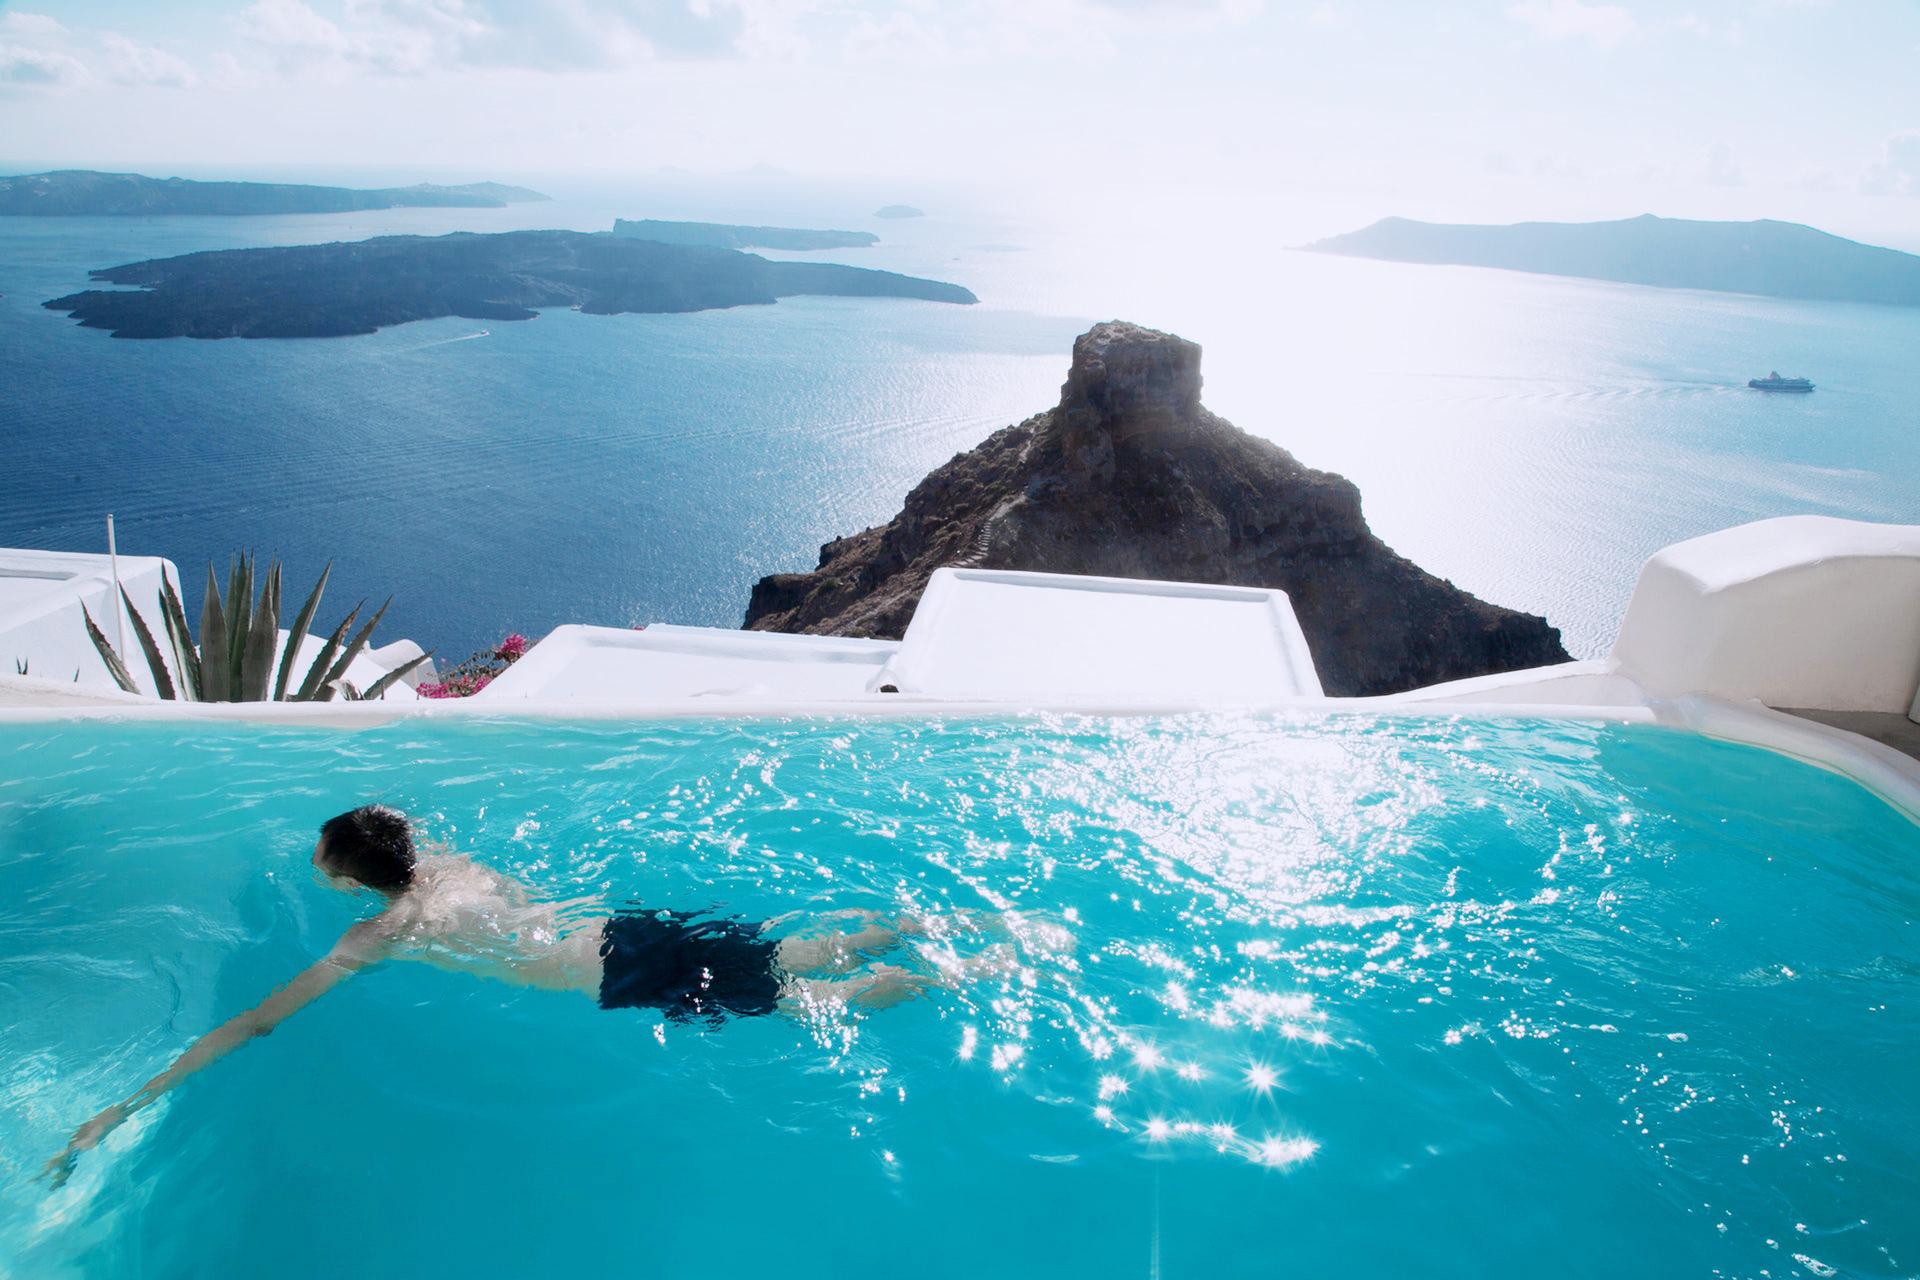 Paesaggi D Acqua Piscine meglio l'acqua di mare o della piscina per il nuoto